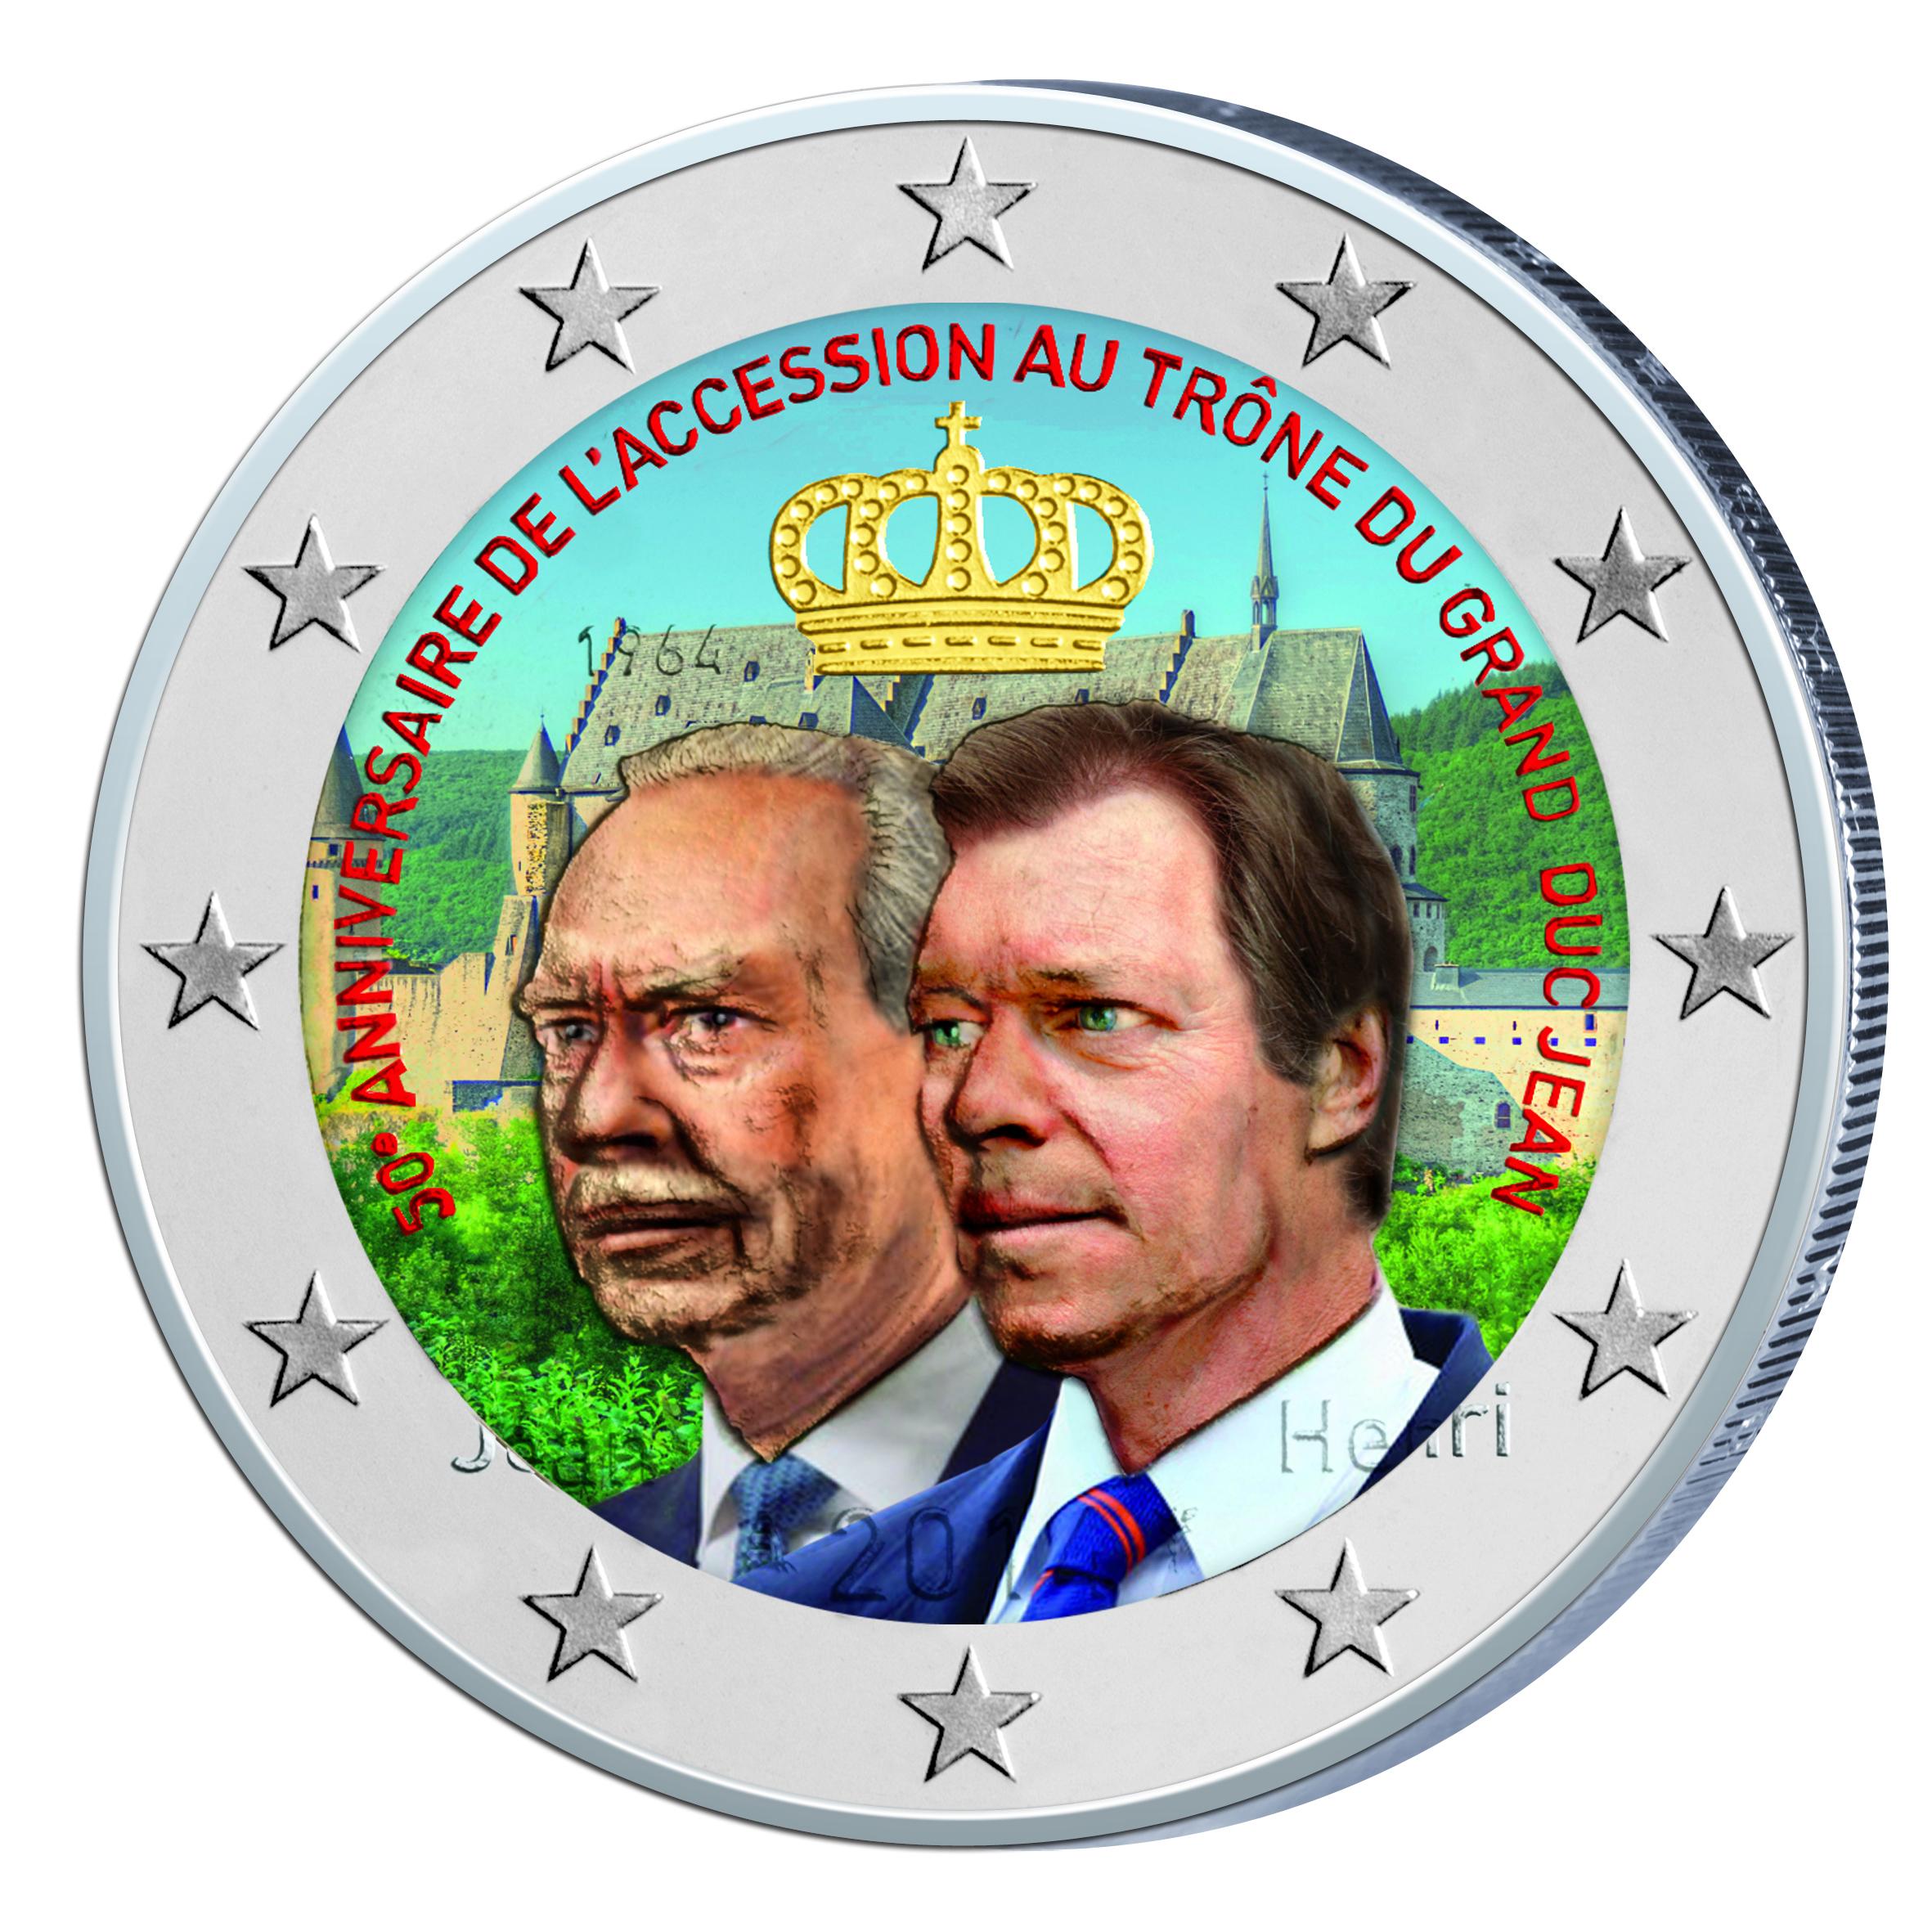 2 €, Έγχρωμο, 50 χρόνια του Μεγάλου Δούκα στο Θρόνο, Λουξεμβούργο, 2014 2 ευρώ